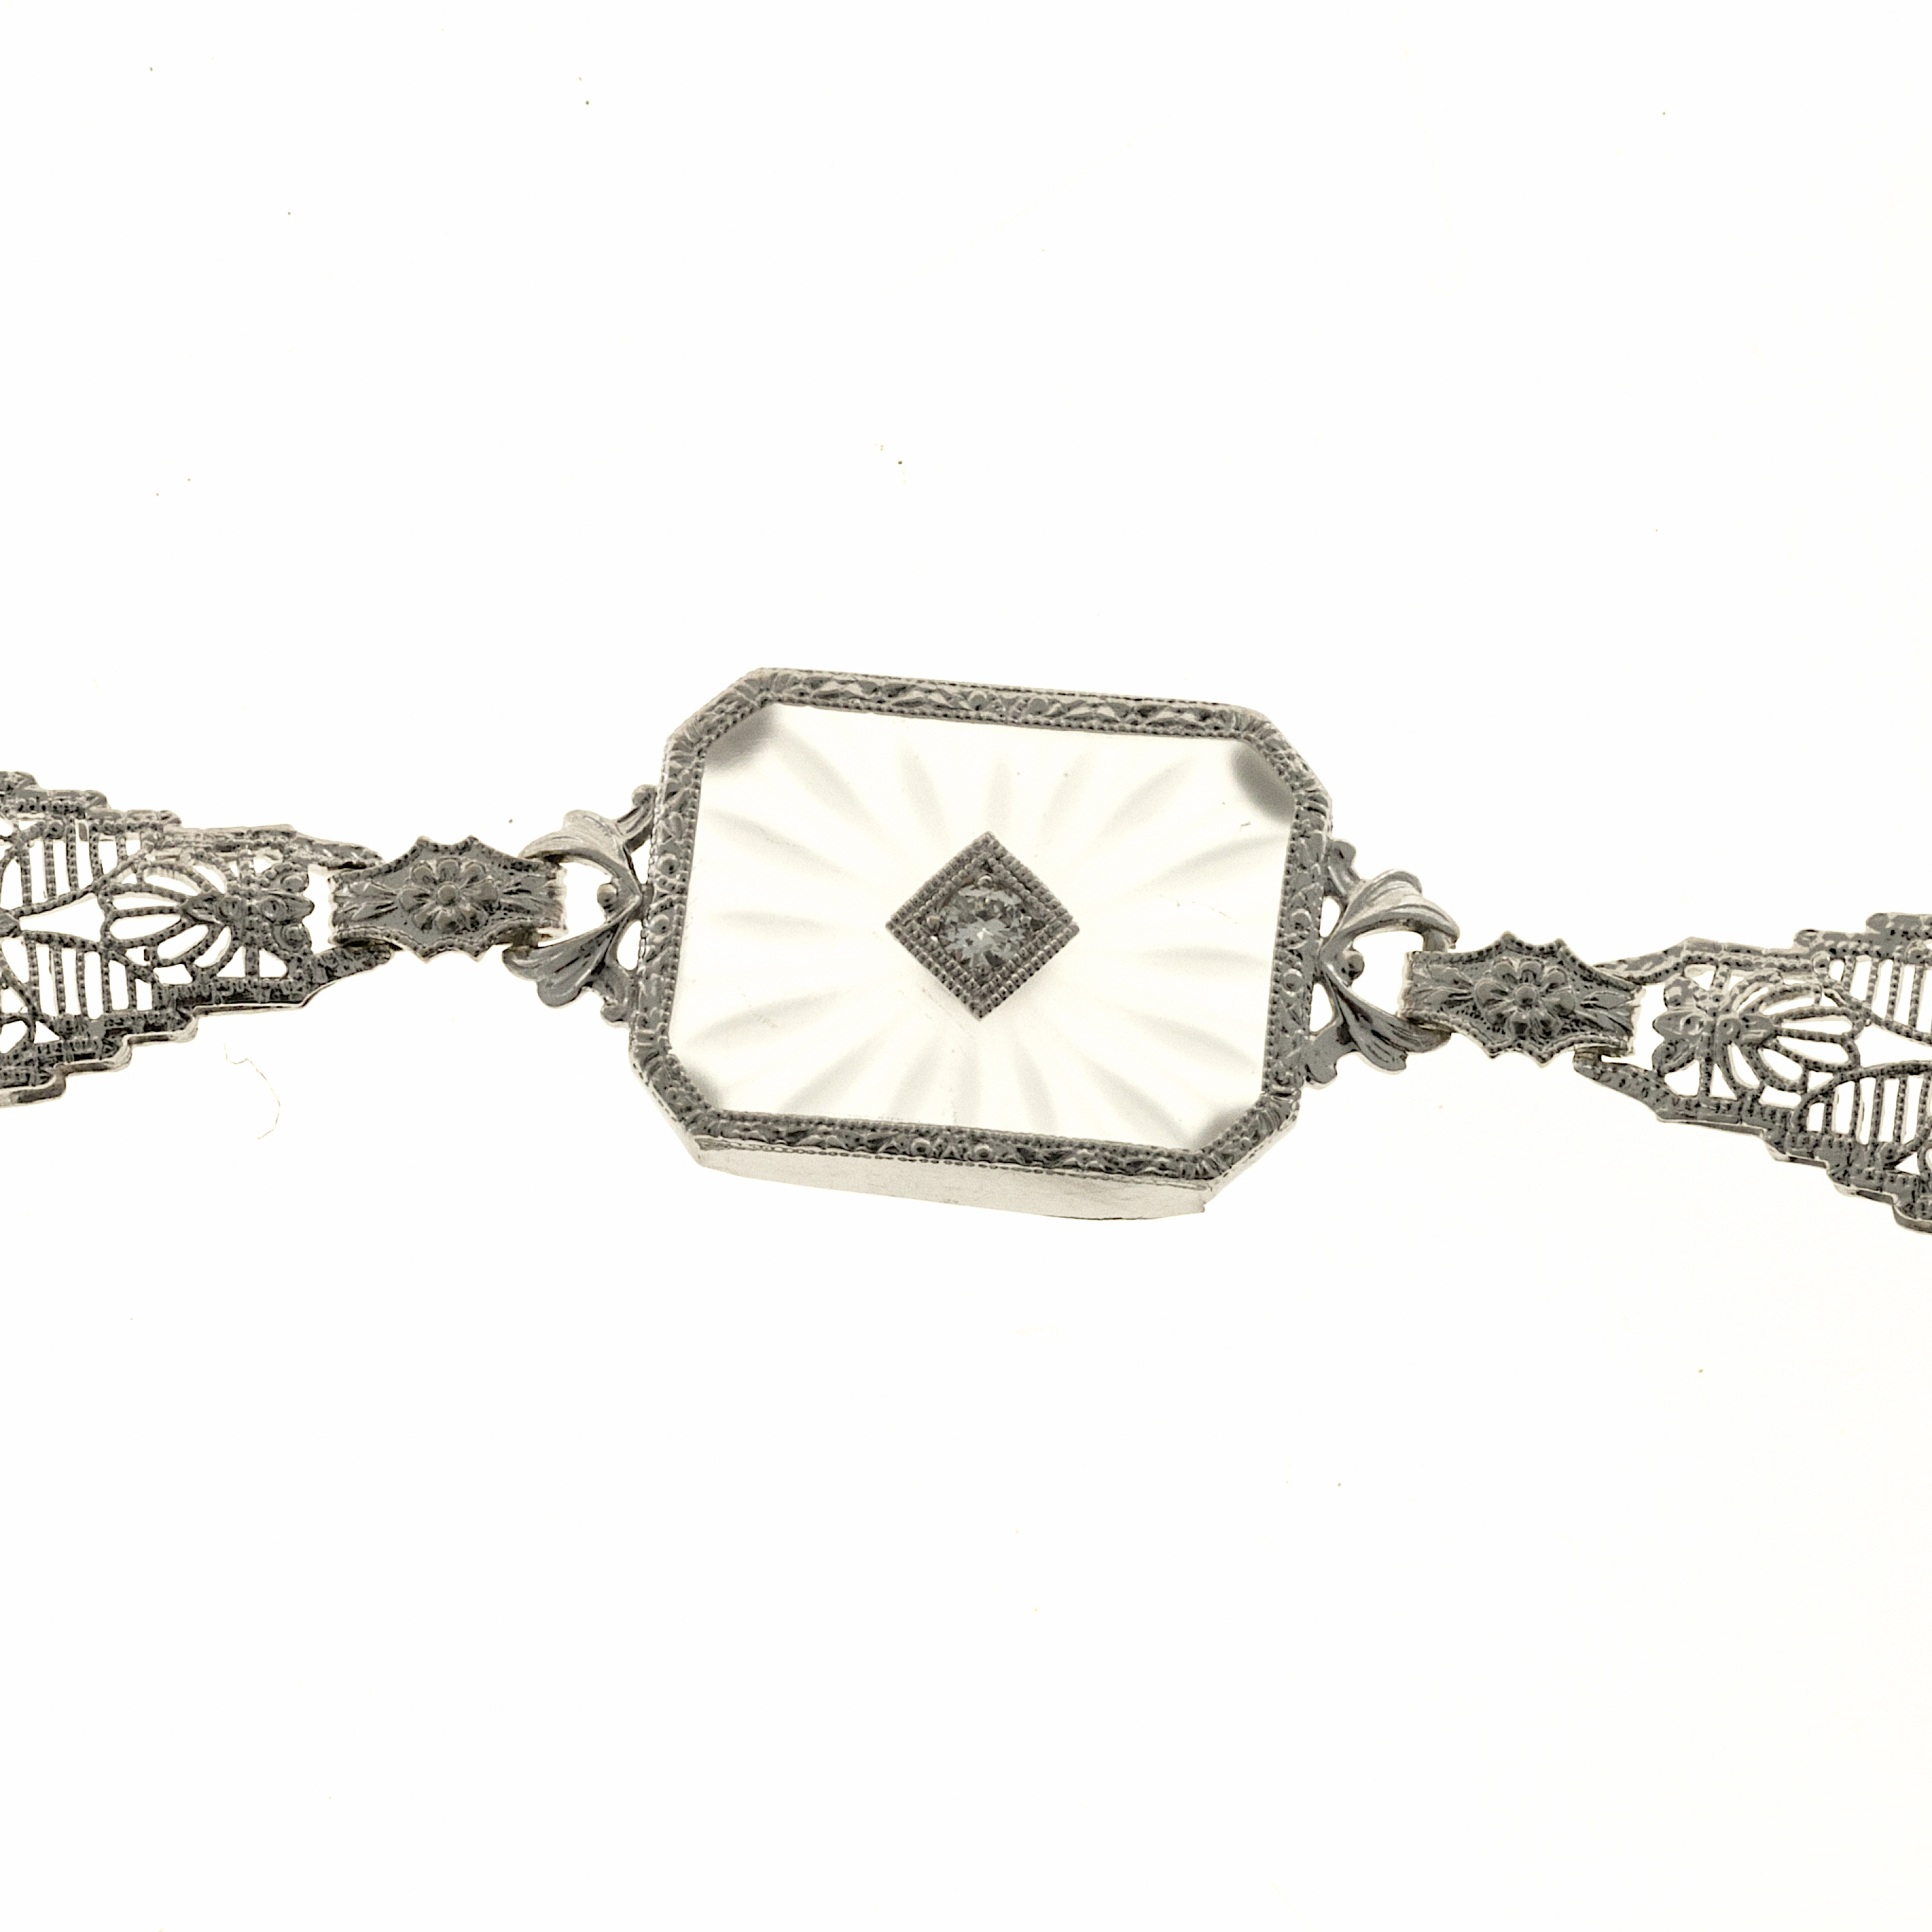 estate 14k white gold pierced filigree link quartz